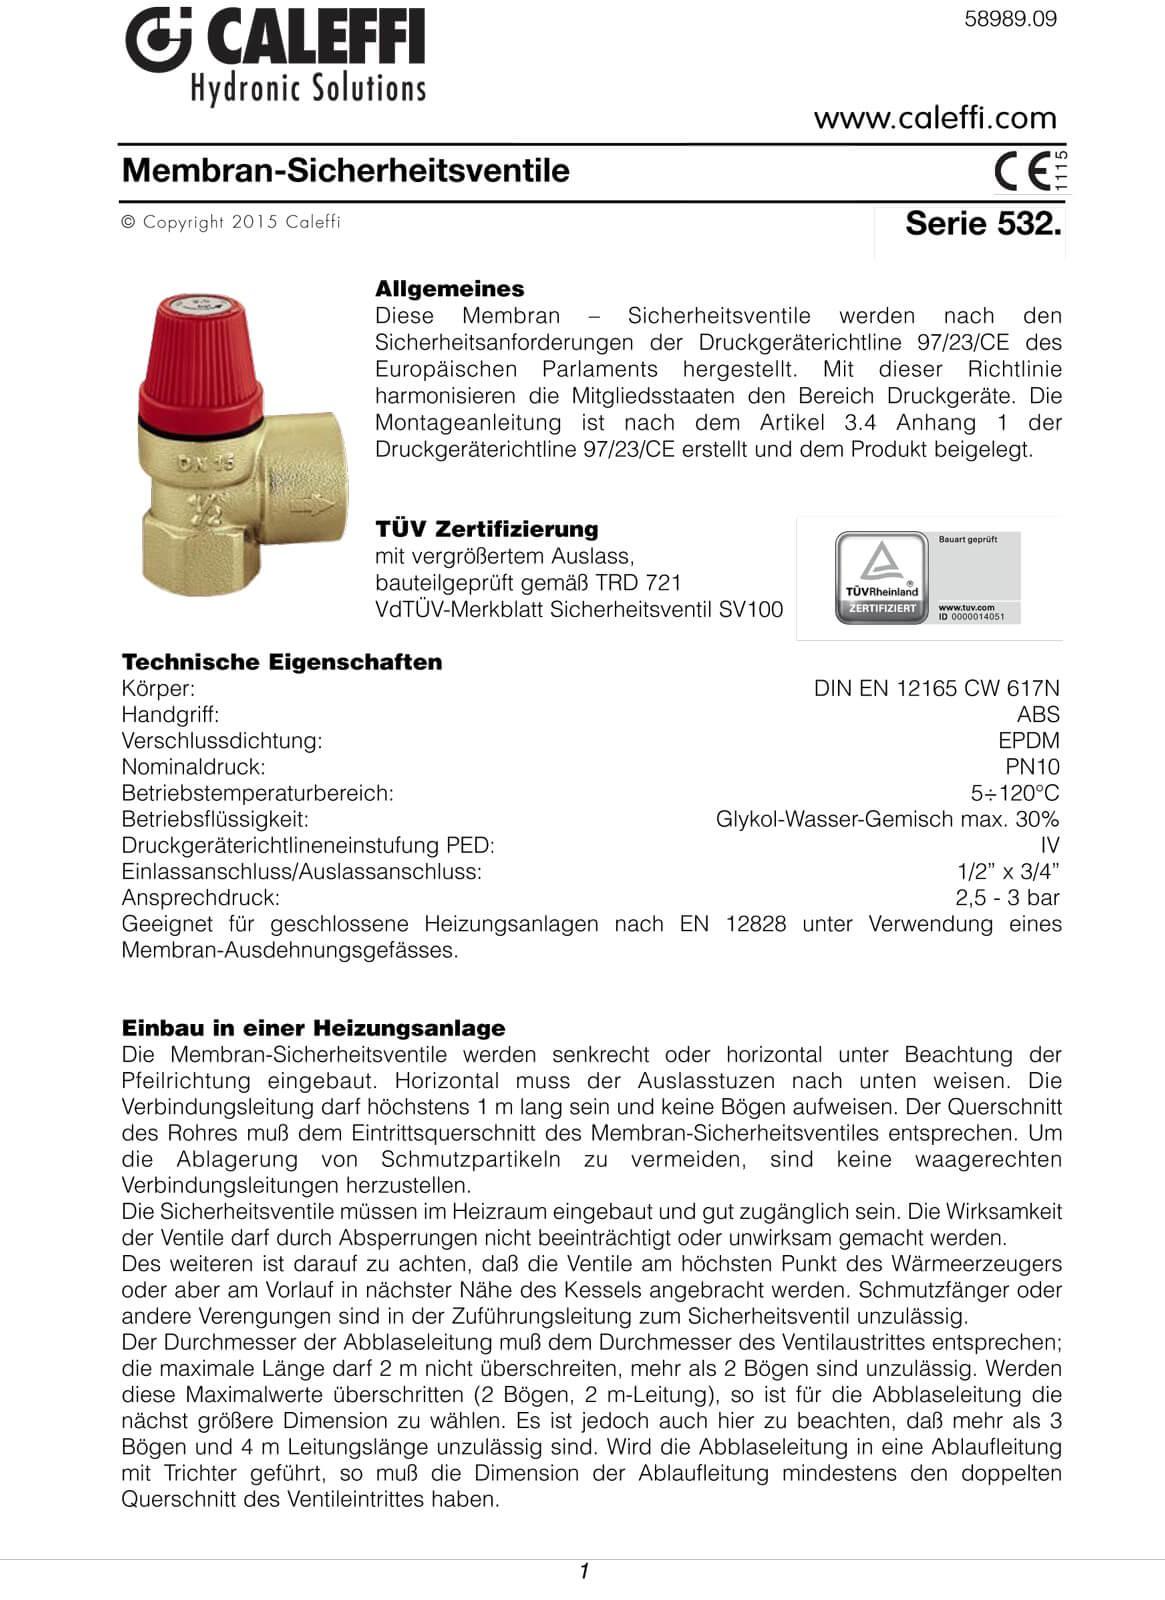 Ausgezeichnet Membran Der Menschlichen Anatomie Galerie ...